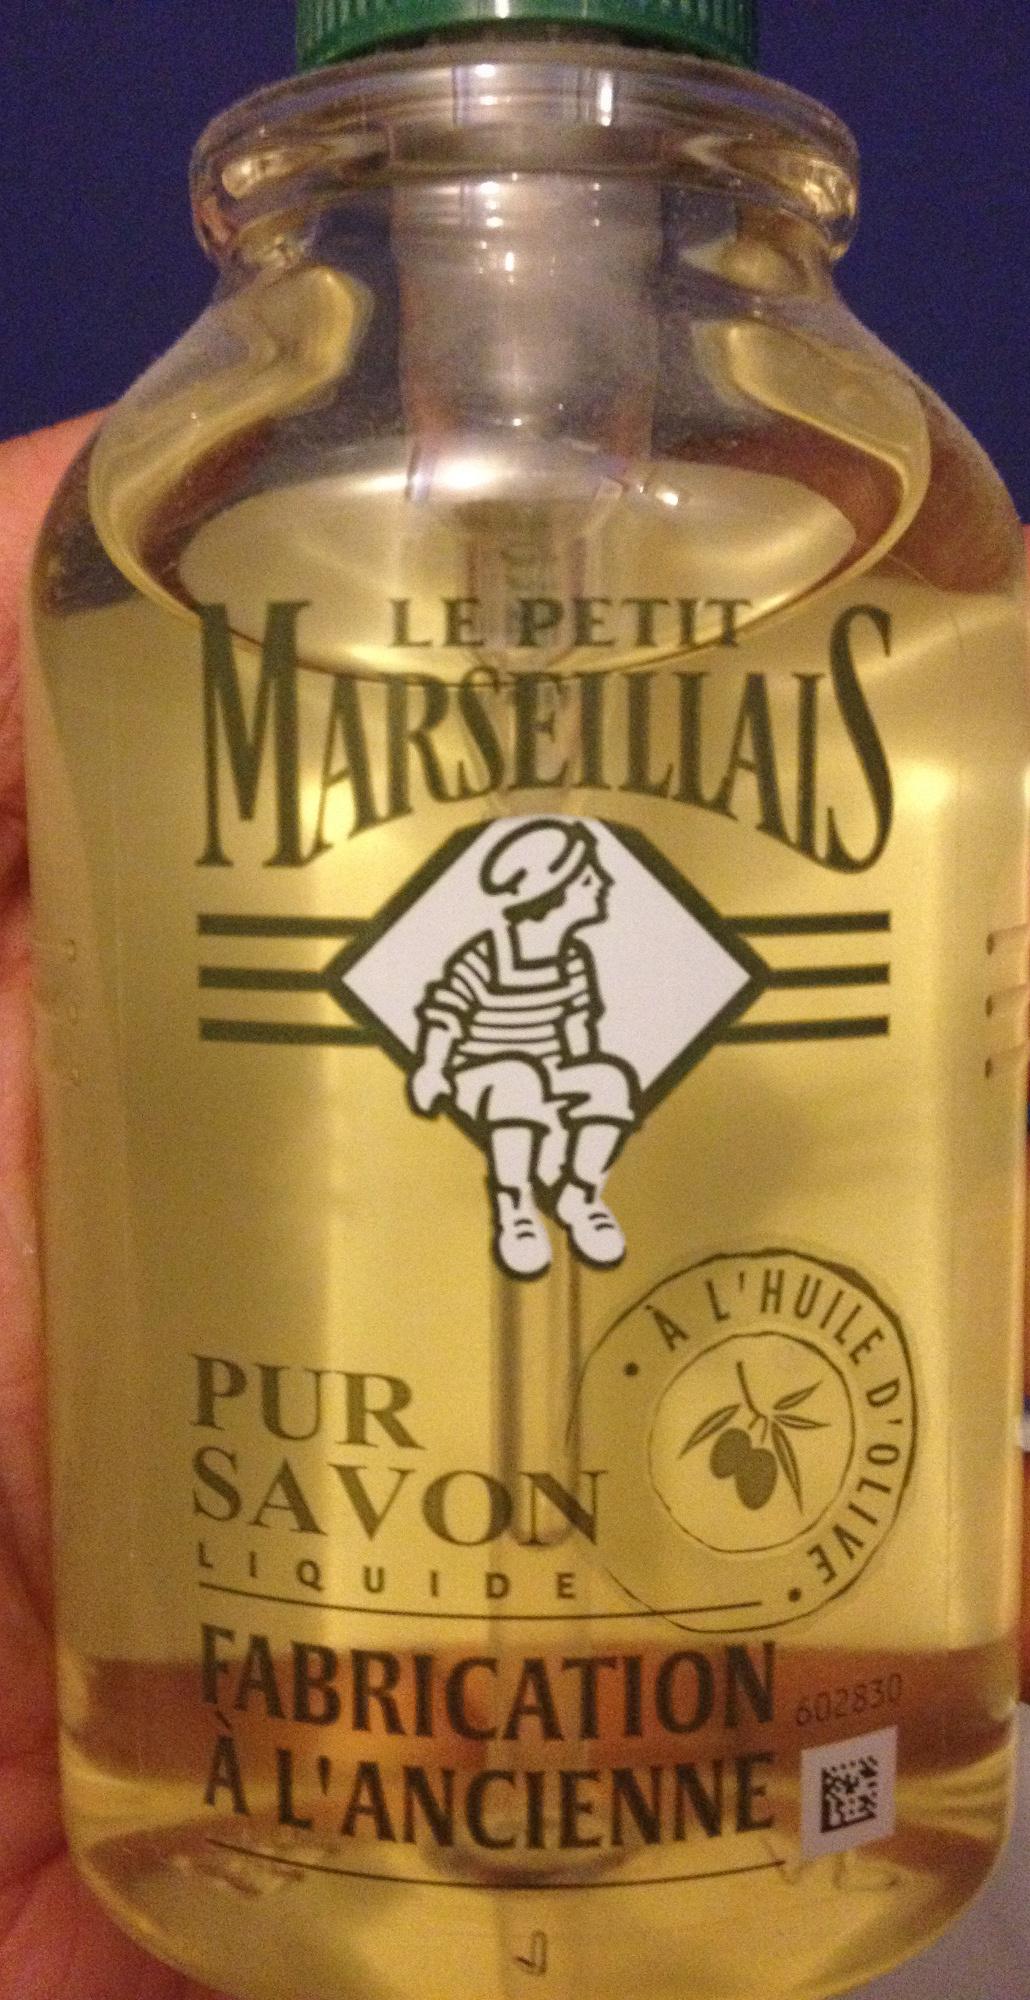 Pur Savon Liquide à l'huile d'olive - Product - fr